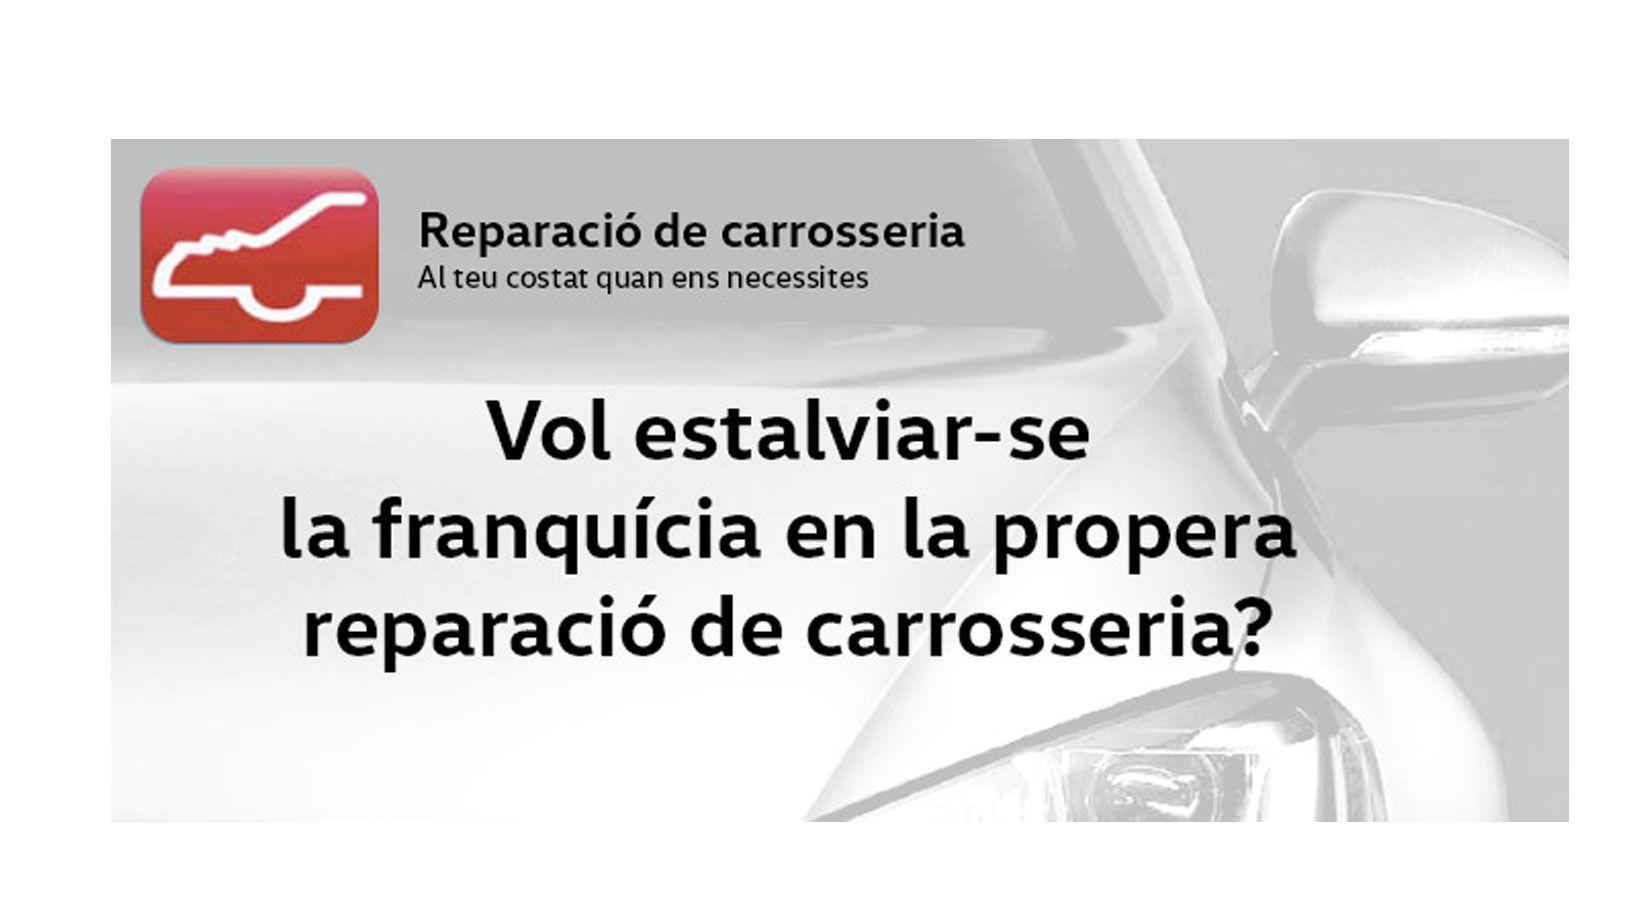 Porti el seu vehicle a Vilamòbil i la franquicia li pot sortir gratis.